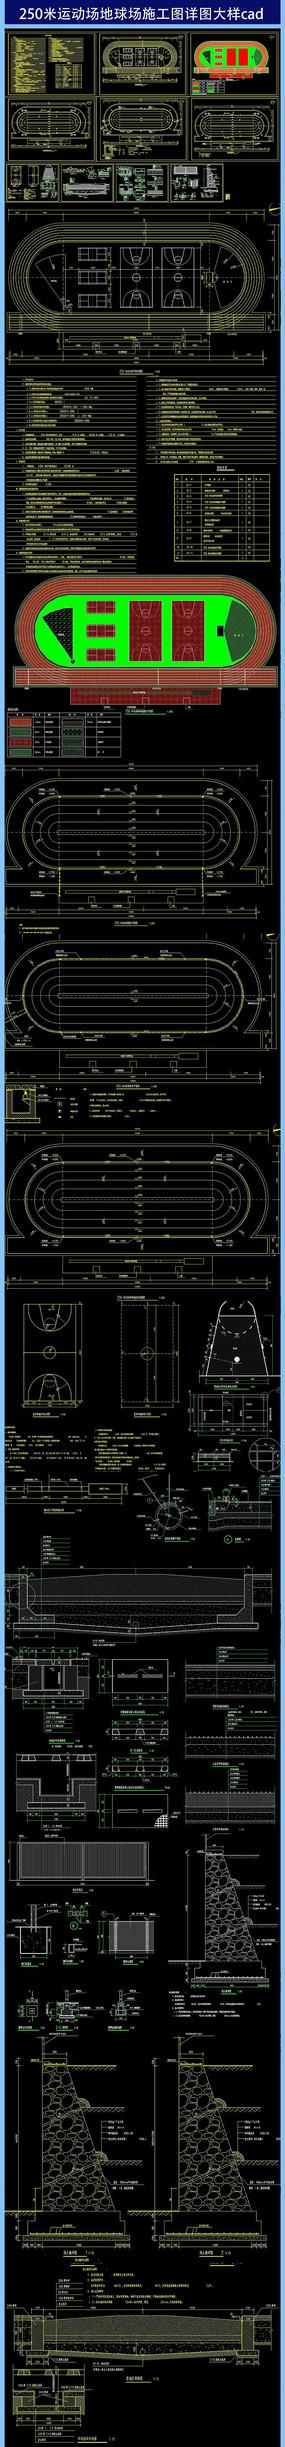 250米运动场地球场施工图详图大样cad